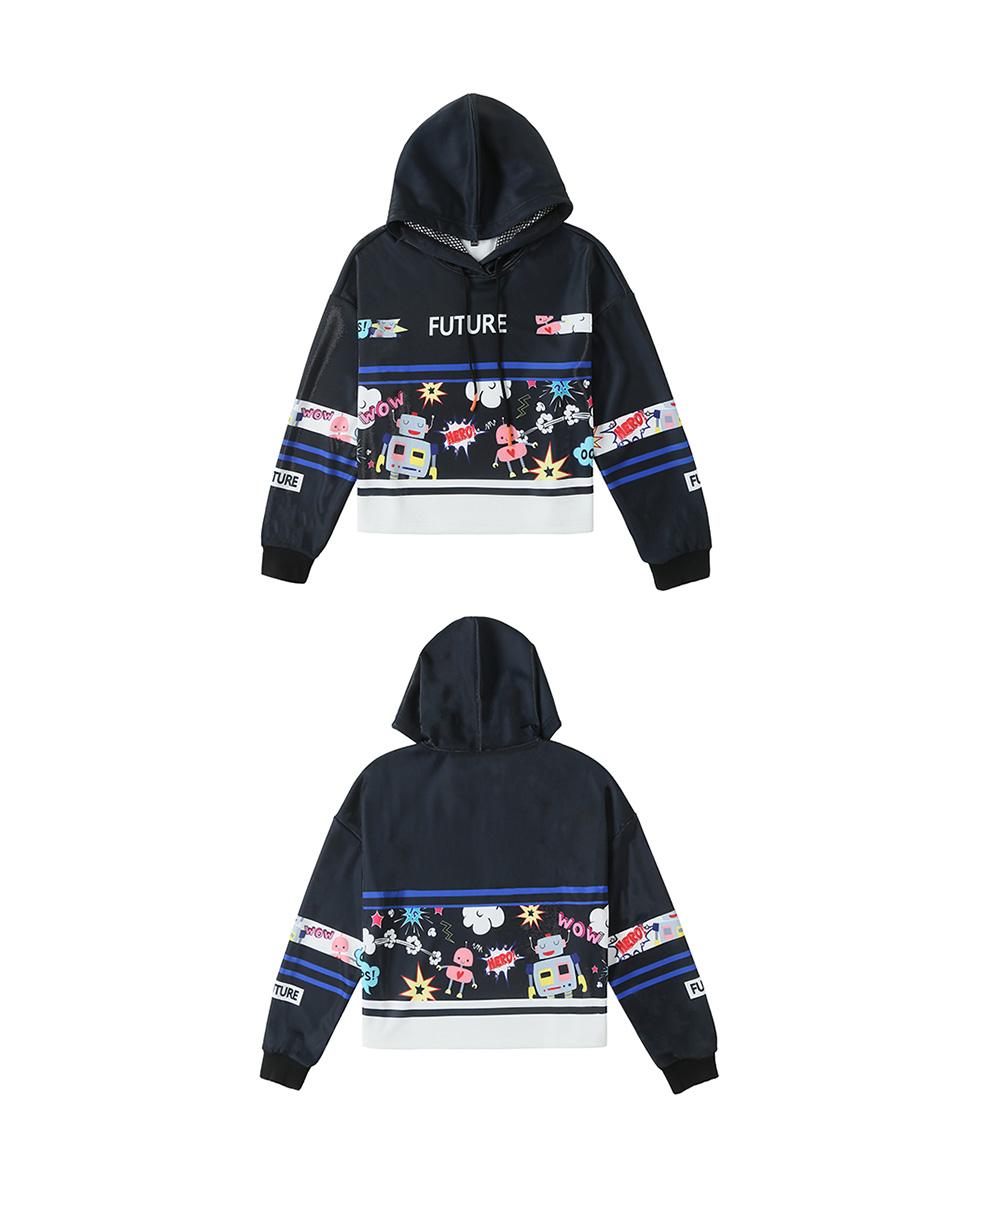 ZVBV European Style Spring Hoodie Fashionable Printing Hoodie Loose Top Coat Long Sleeve Contrast Cover Hoodie 15